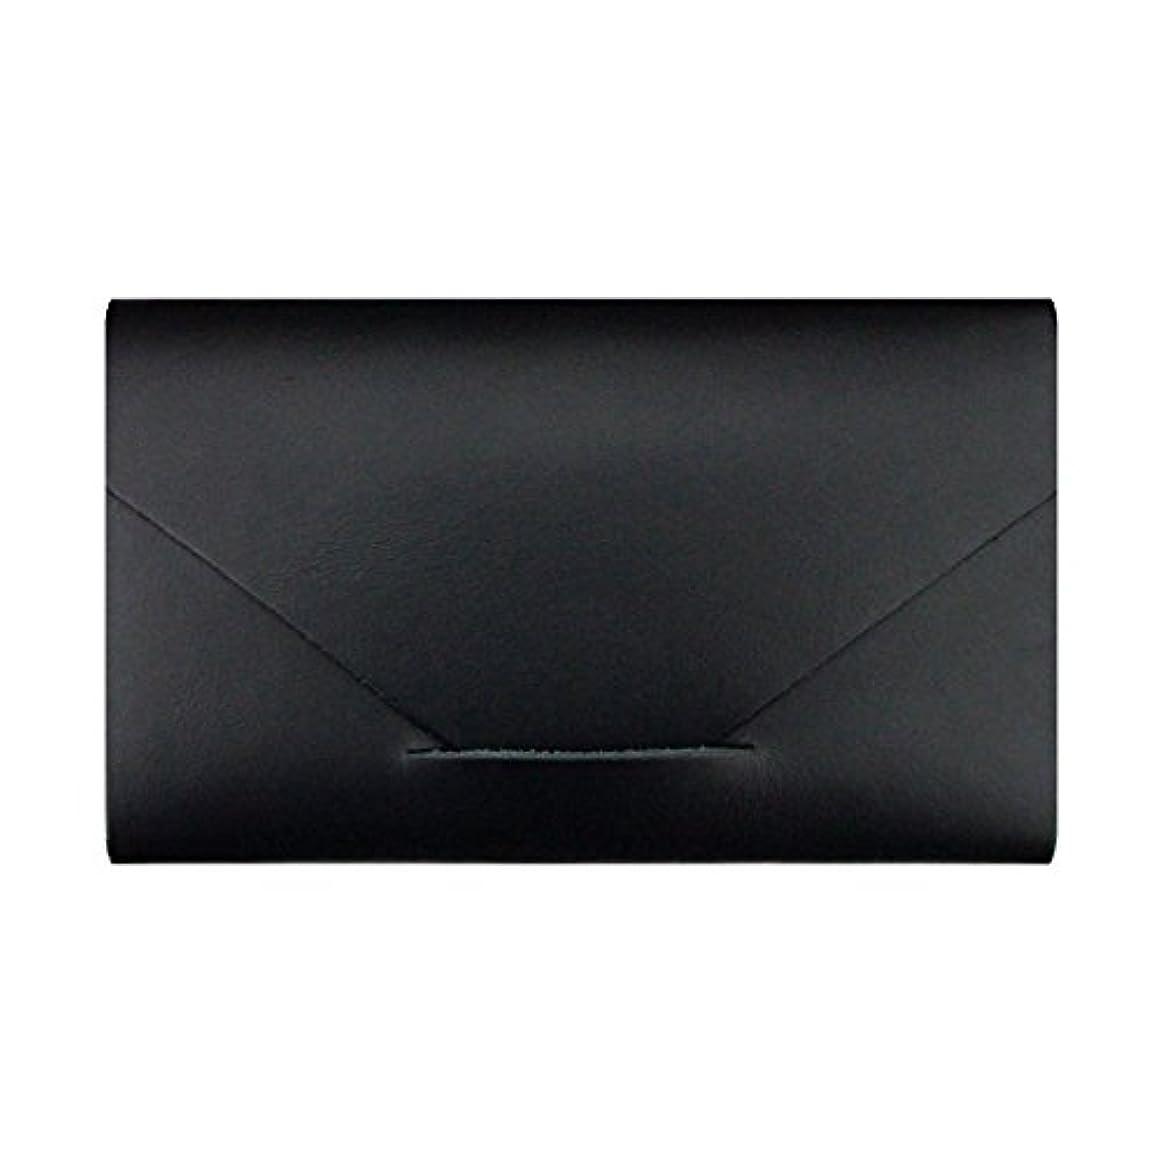 飾り羽登山家ブリークMODERN AGE TOKYO 2 カードケース(サシェ3種入) ブラック BLACK CARD CASE モダンエイジトウキョウツー